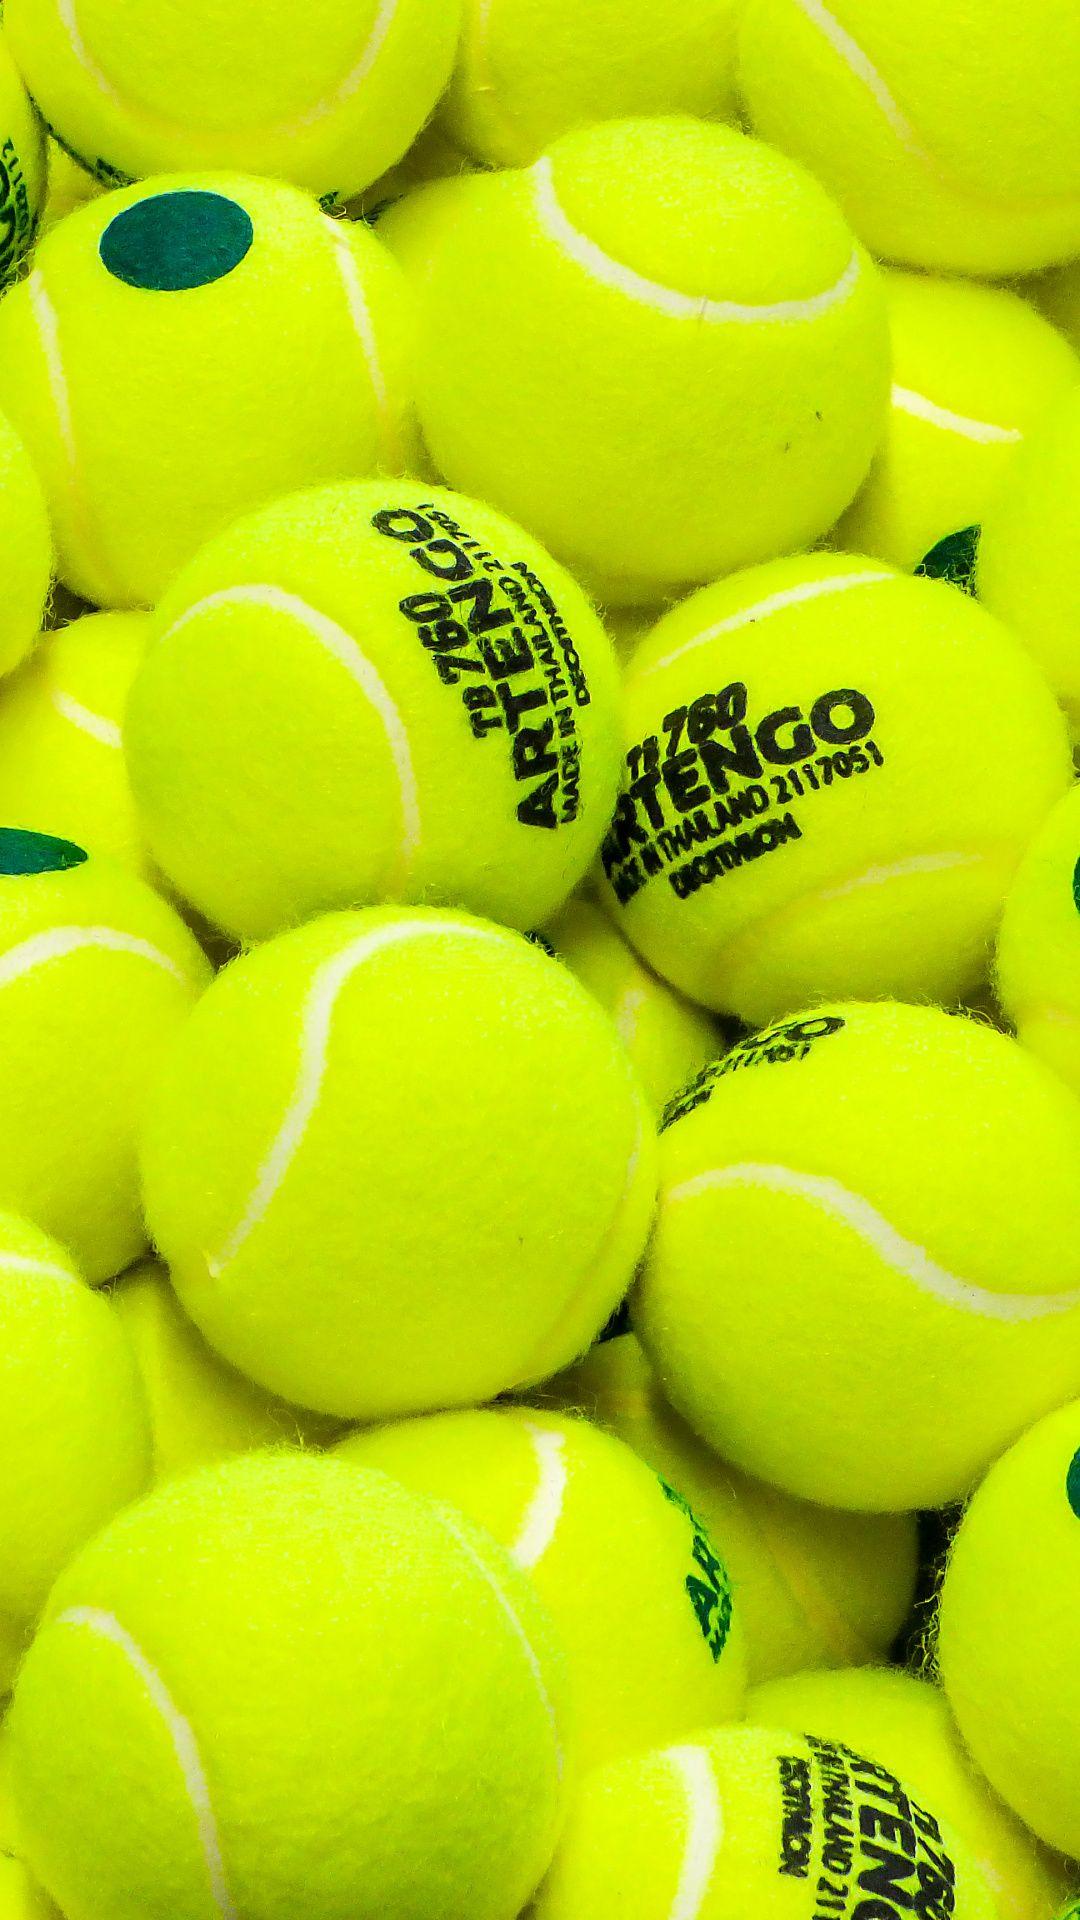 Wallpapers Tennis Centre Tennis Ball Racket Tennis Balls Rackets Tennis Wallpaper Tennis Ball Tennis